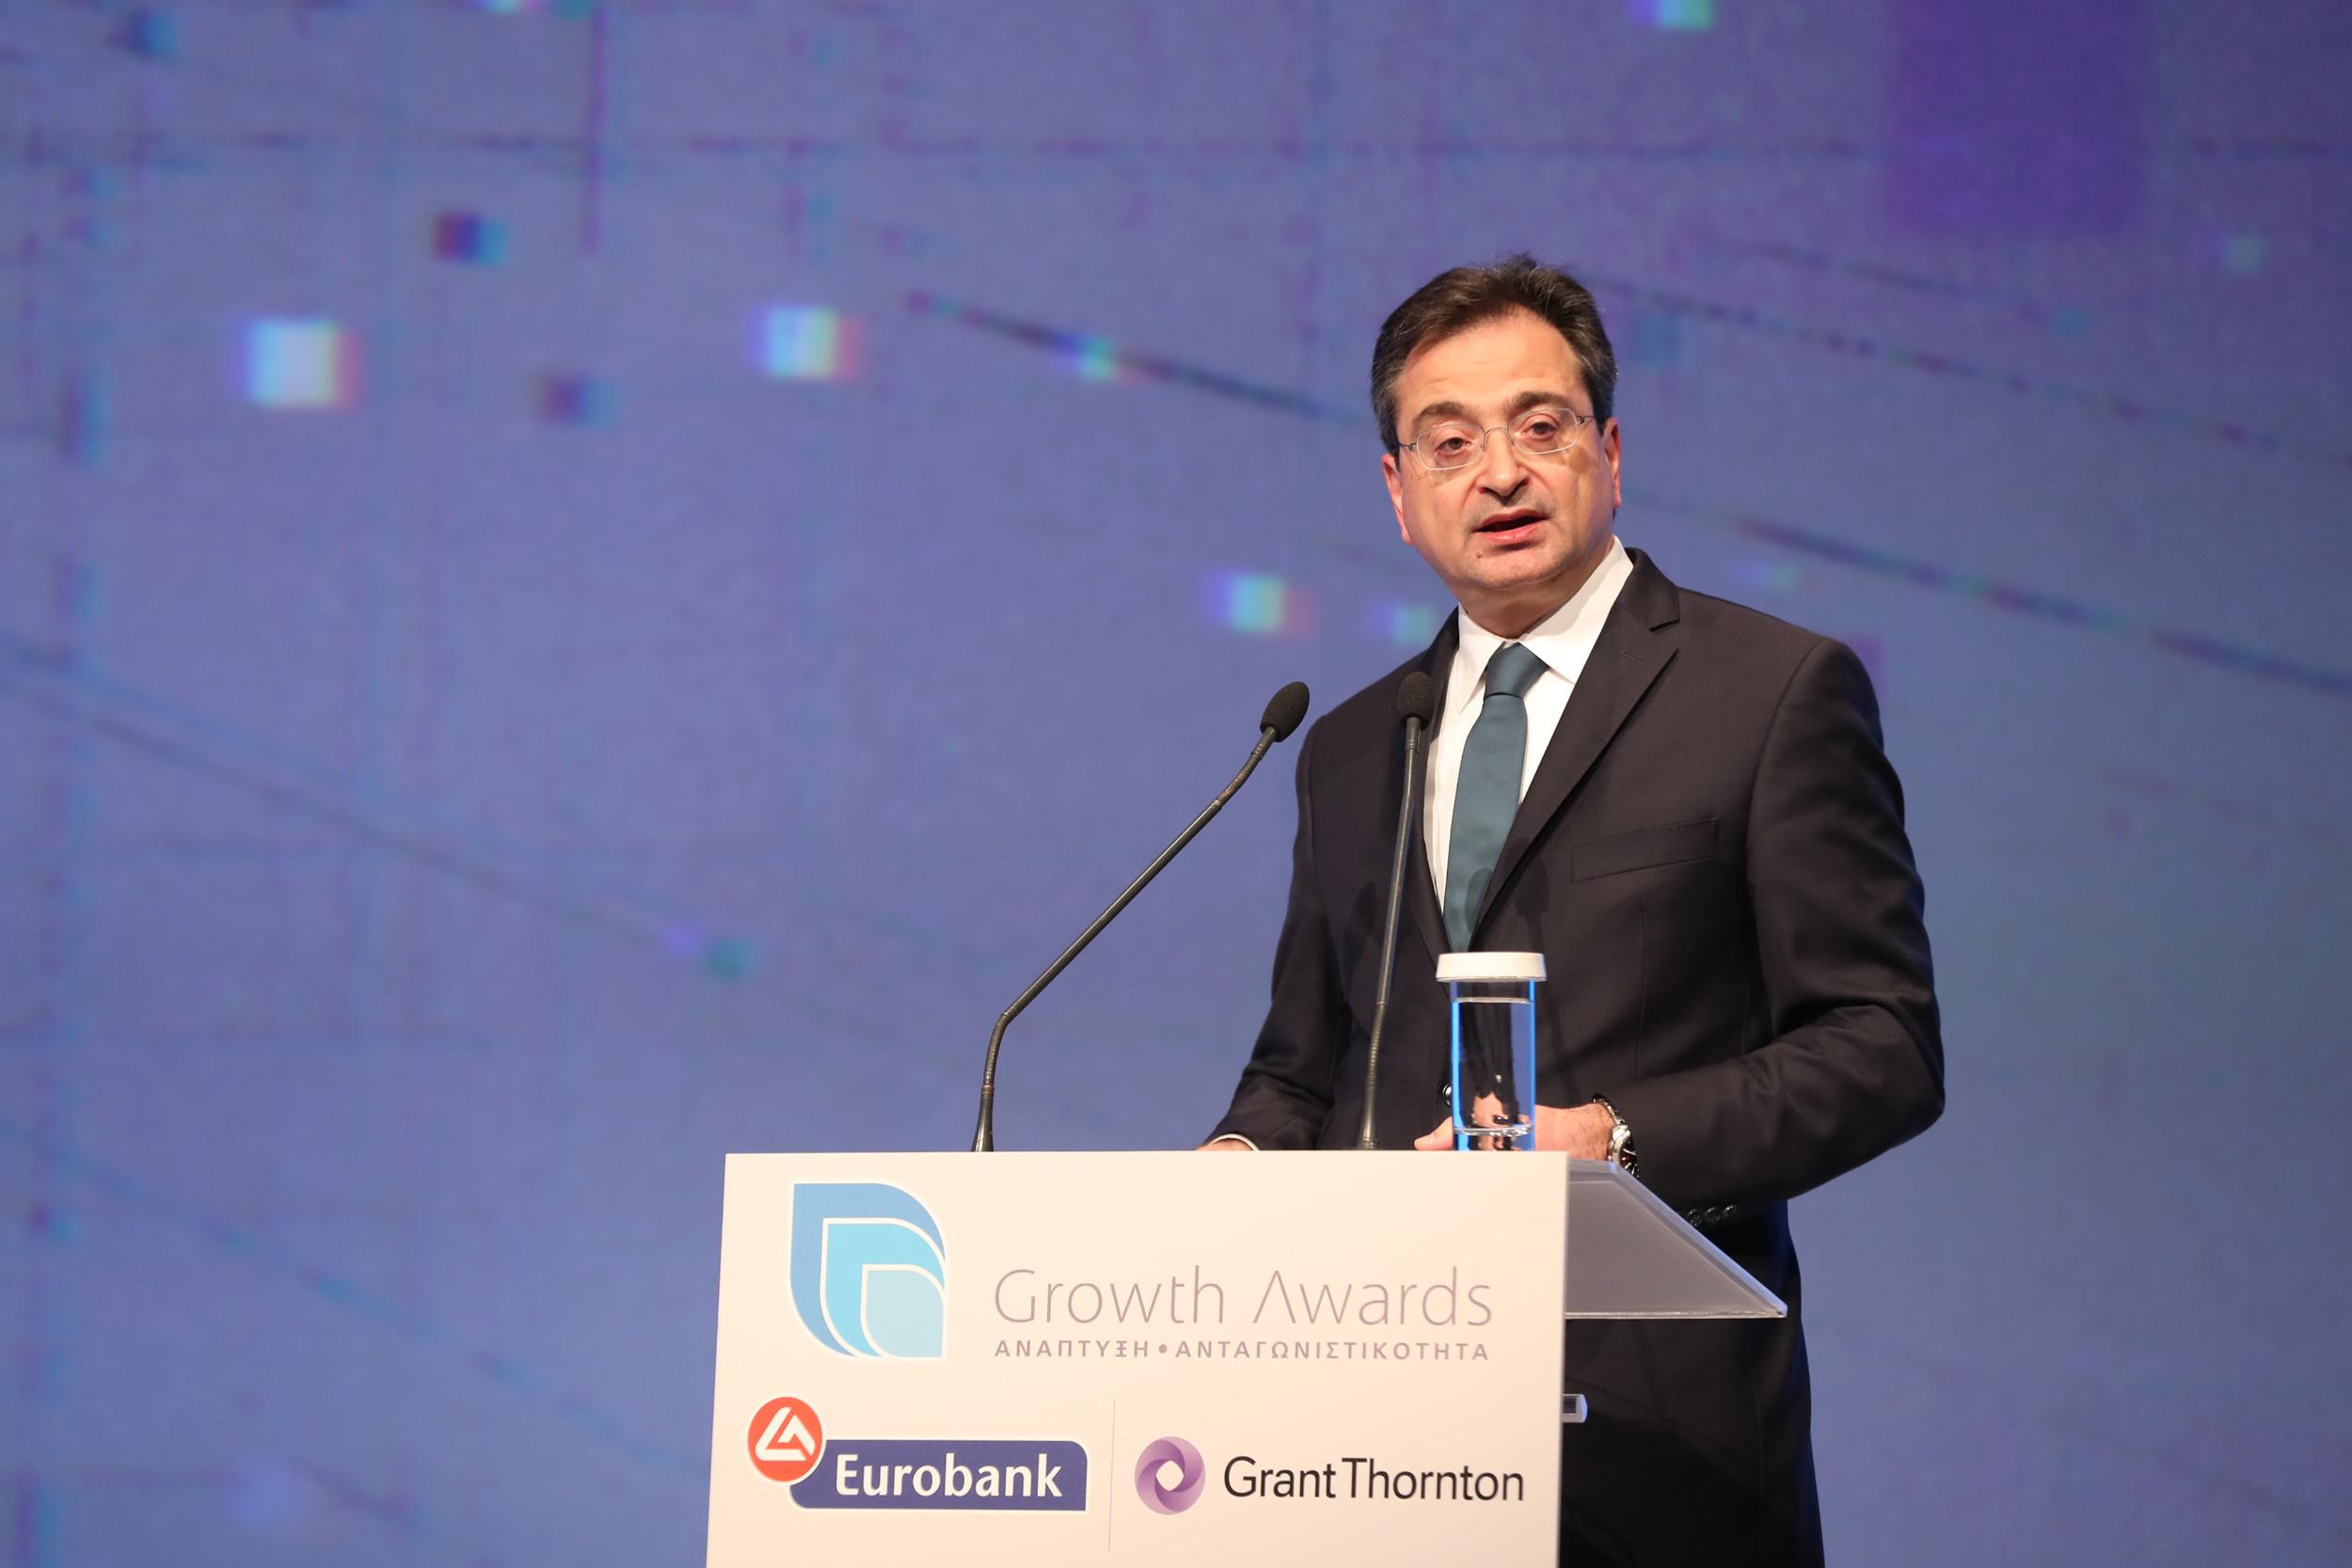 Ο Διευθύνων Σύμβουλος της Eurobank κ. Φωκίων Καραβίας στο βήμα της εκδήλωσης